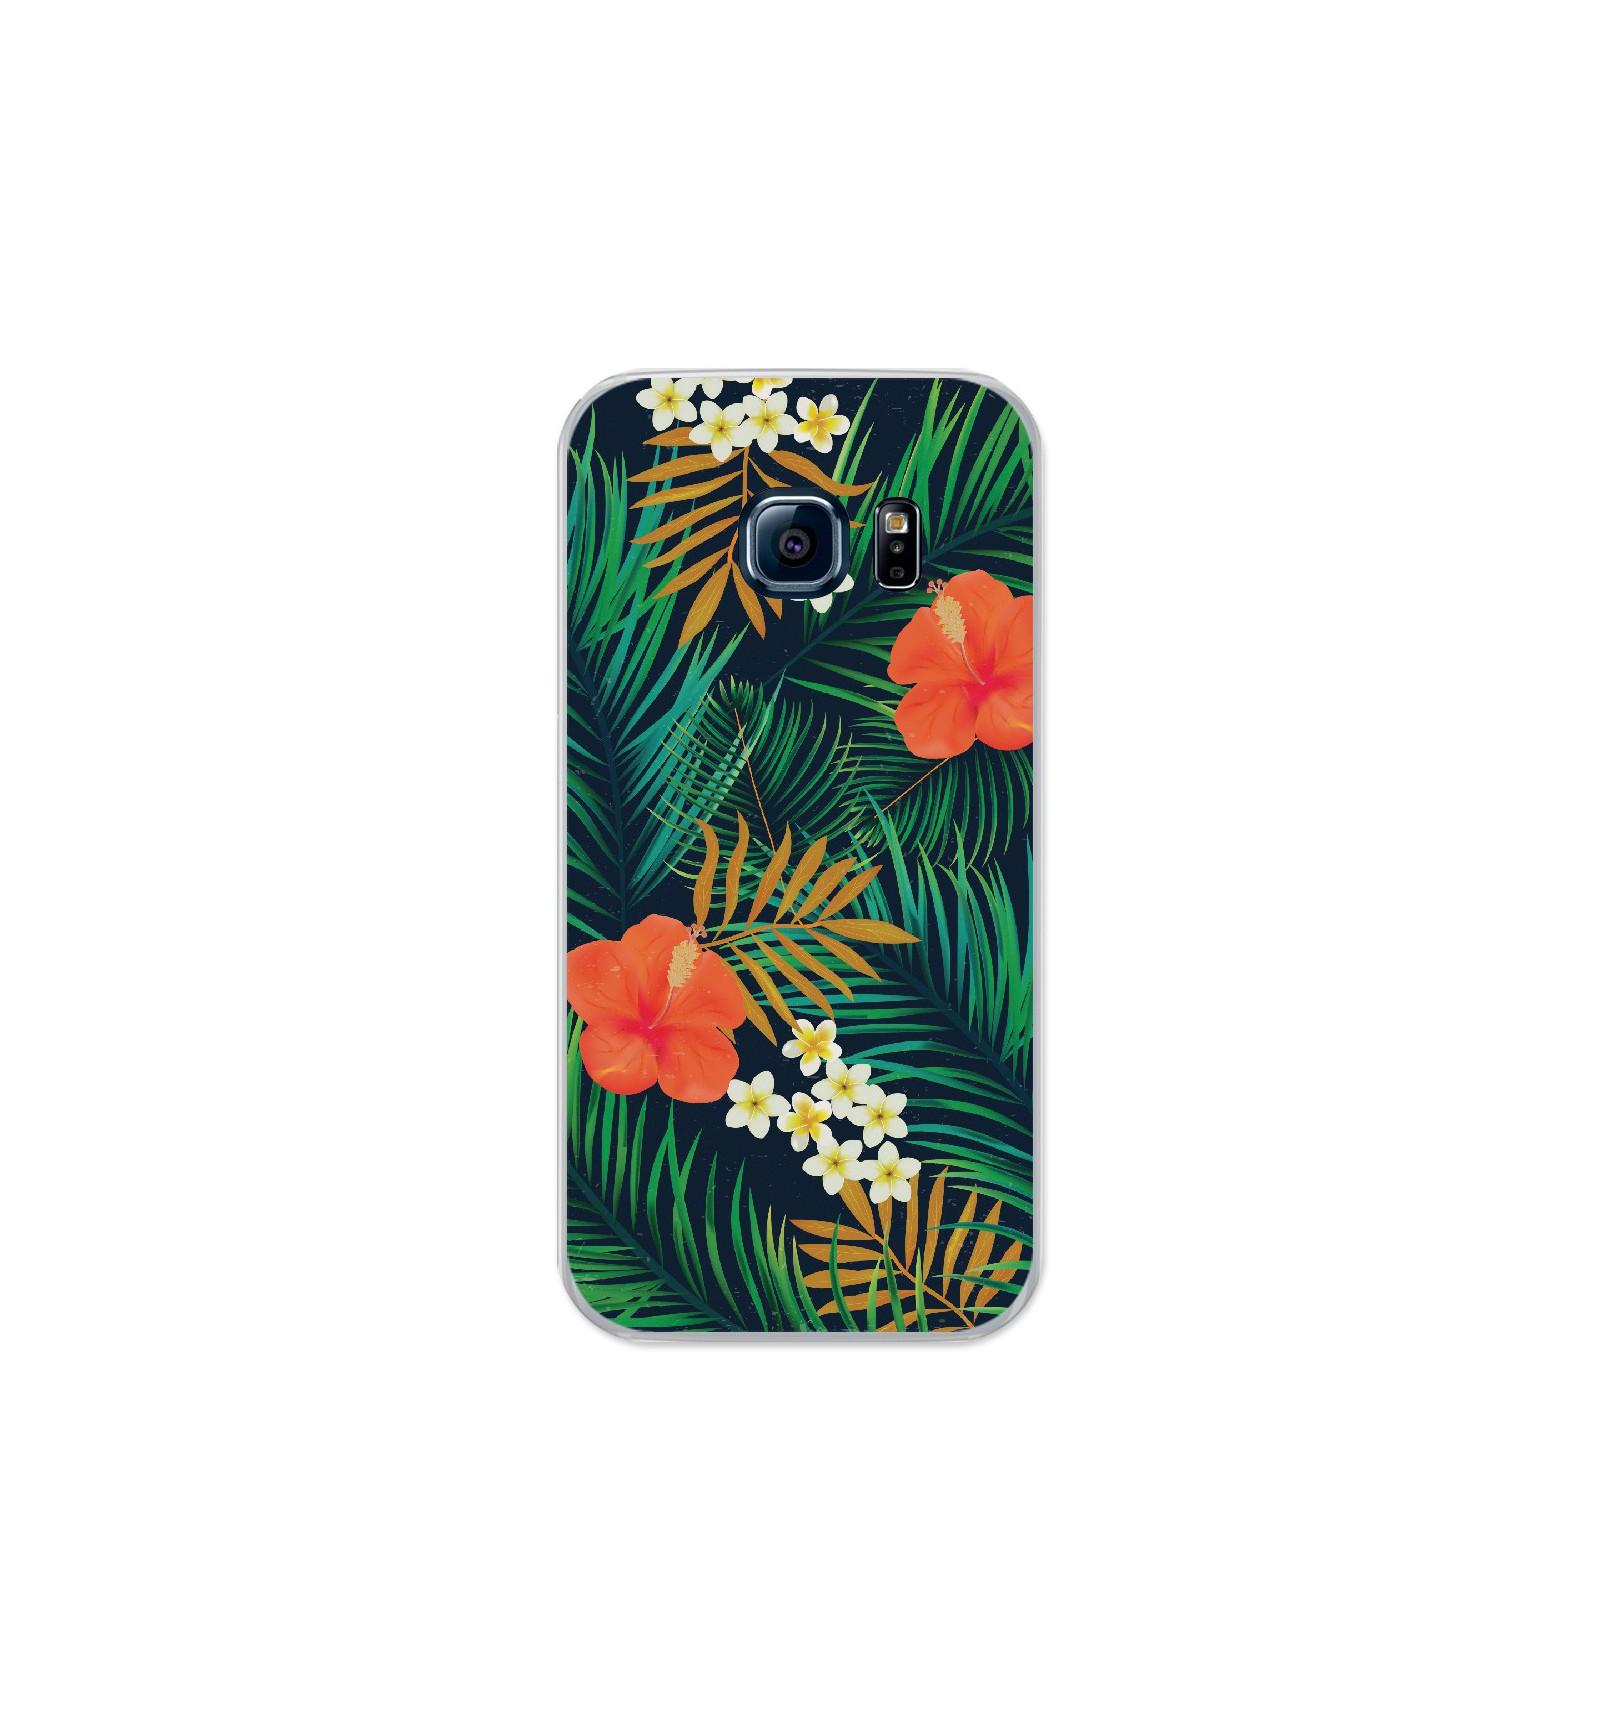 Coque en silicone Samsung Galaxy S7 - Tropical